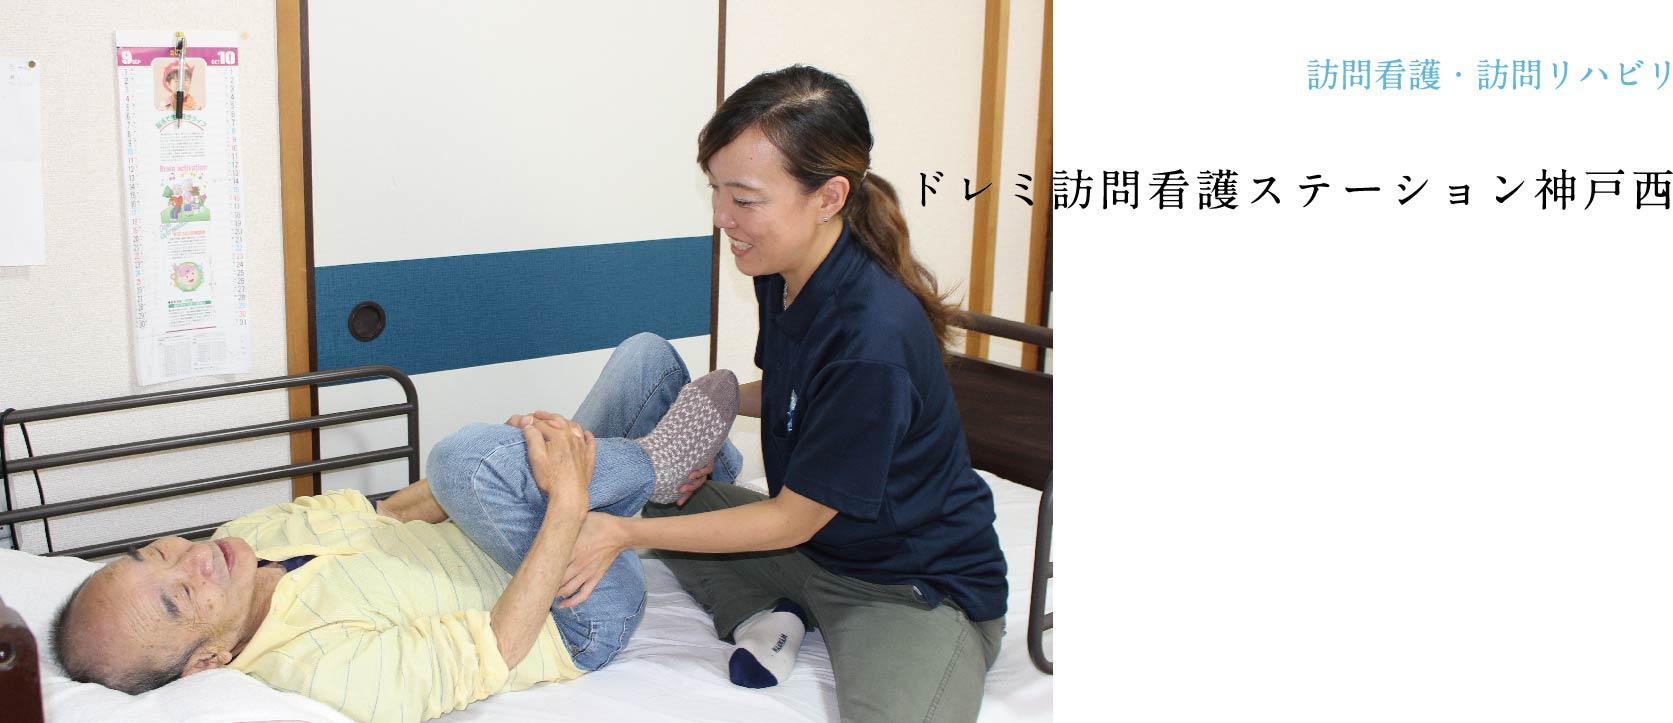 訪問看護・訪問リハビリ ドレミ訪問看護ステーション神戸西